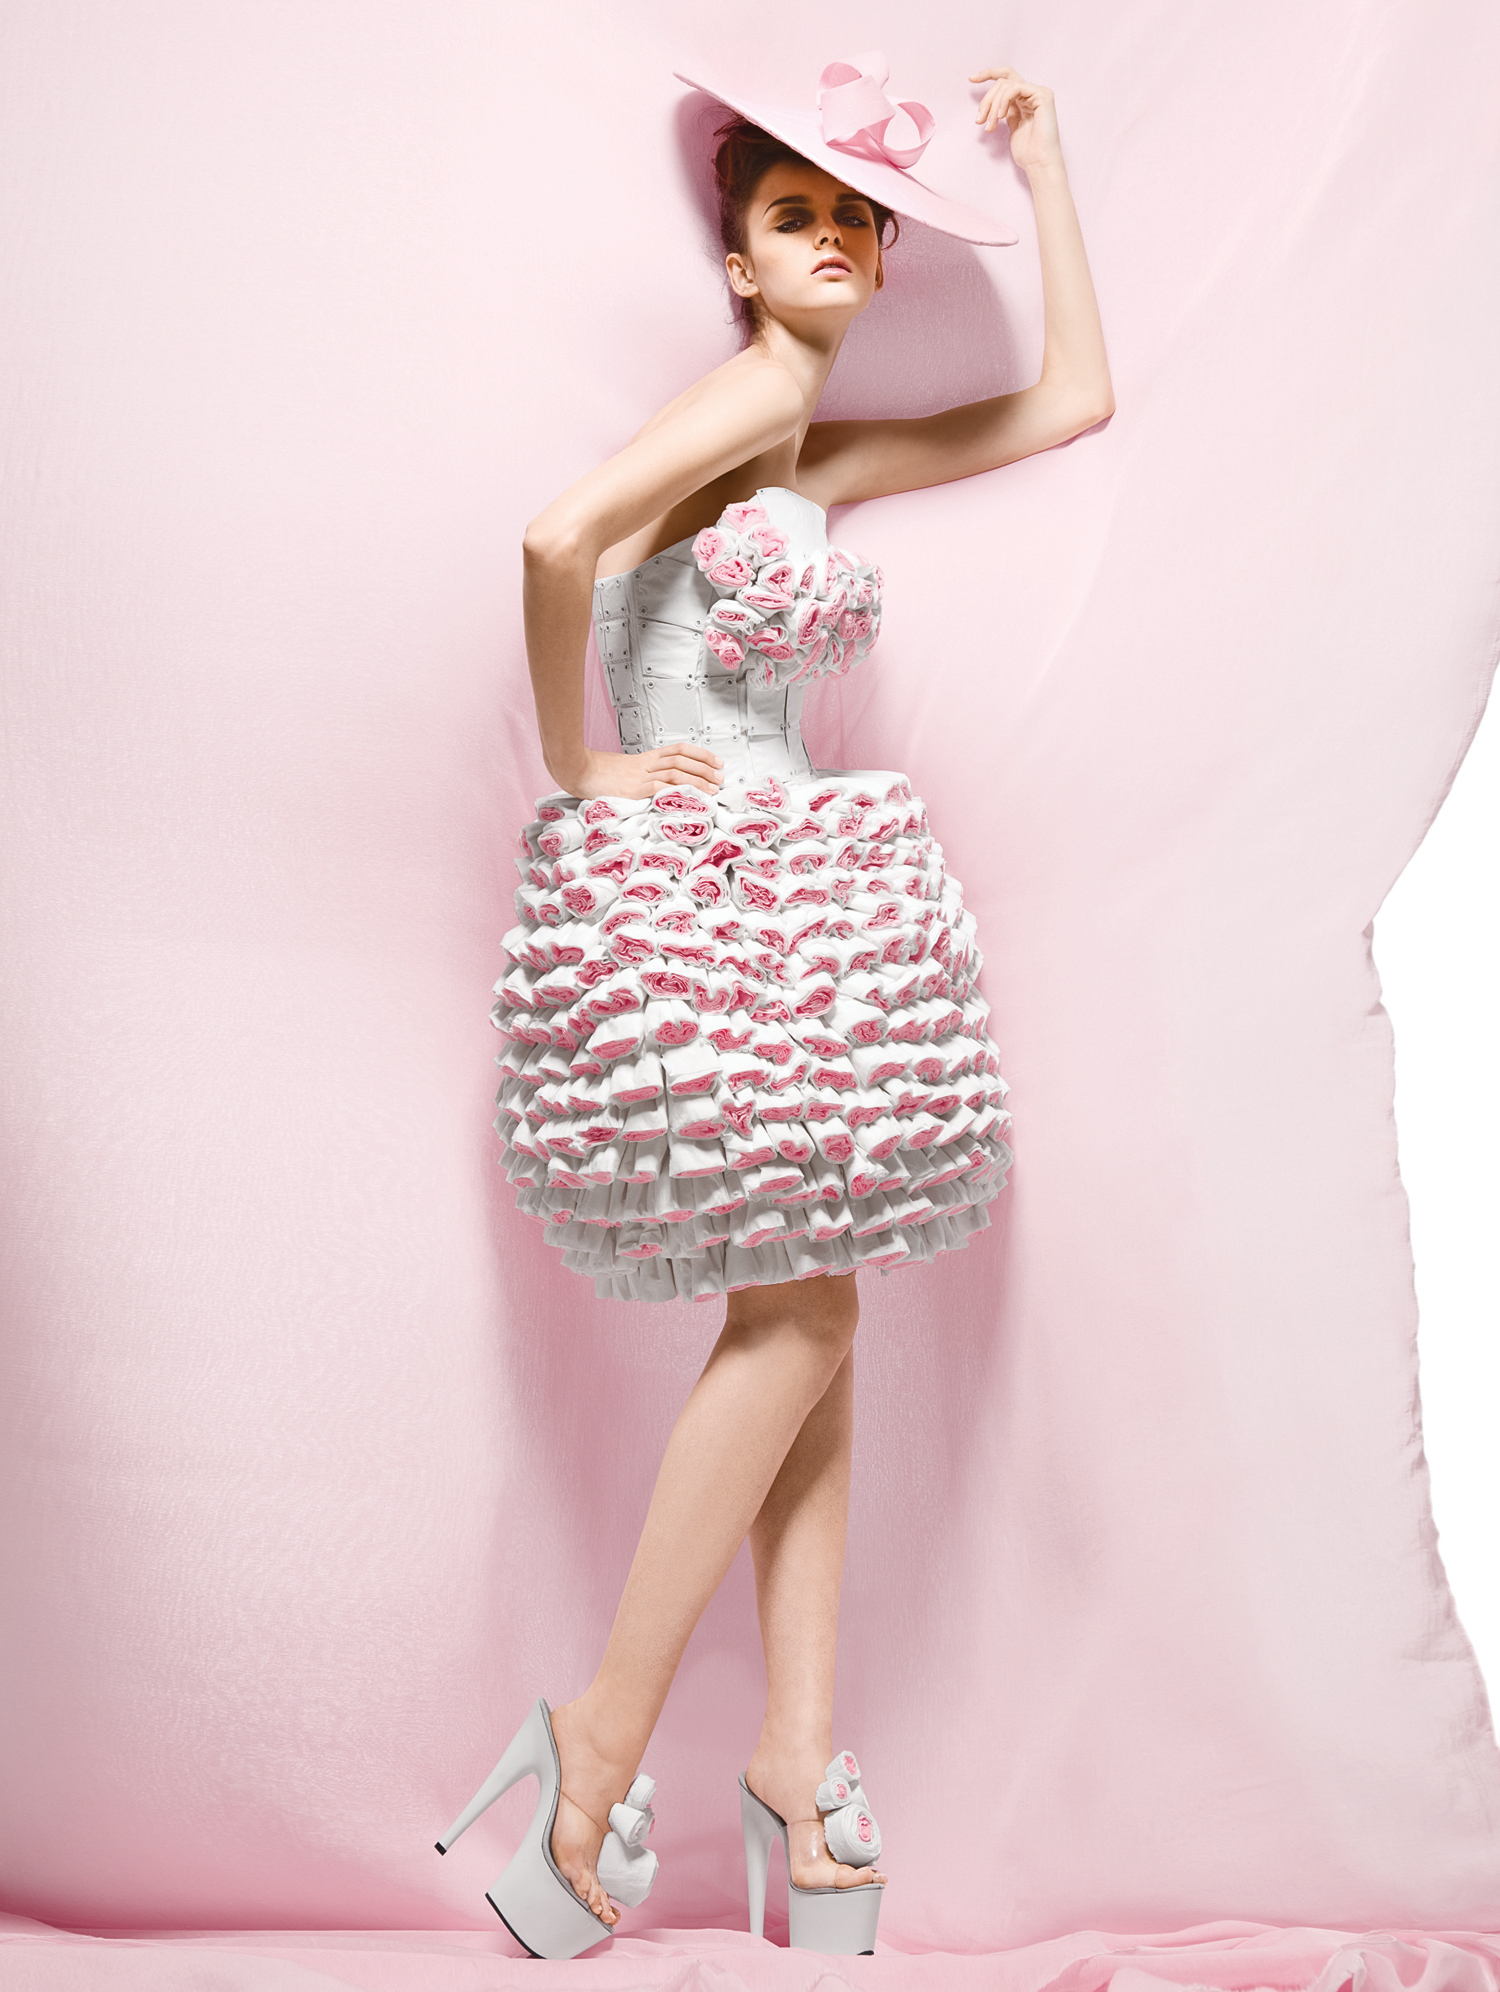 White Cashmere Collection 2009_Anastasia Lomonova.jpg